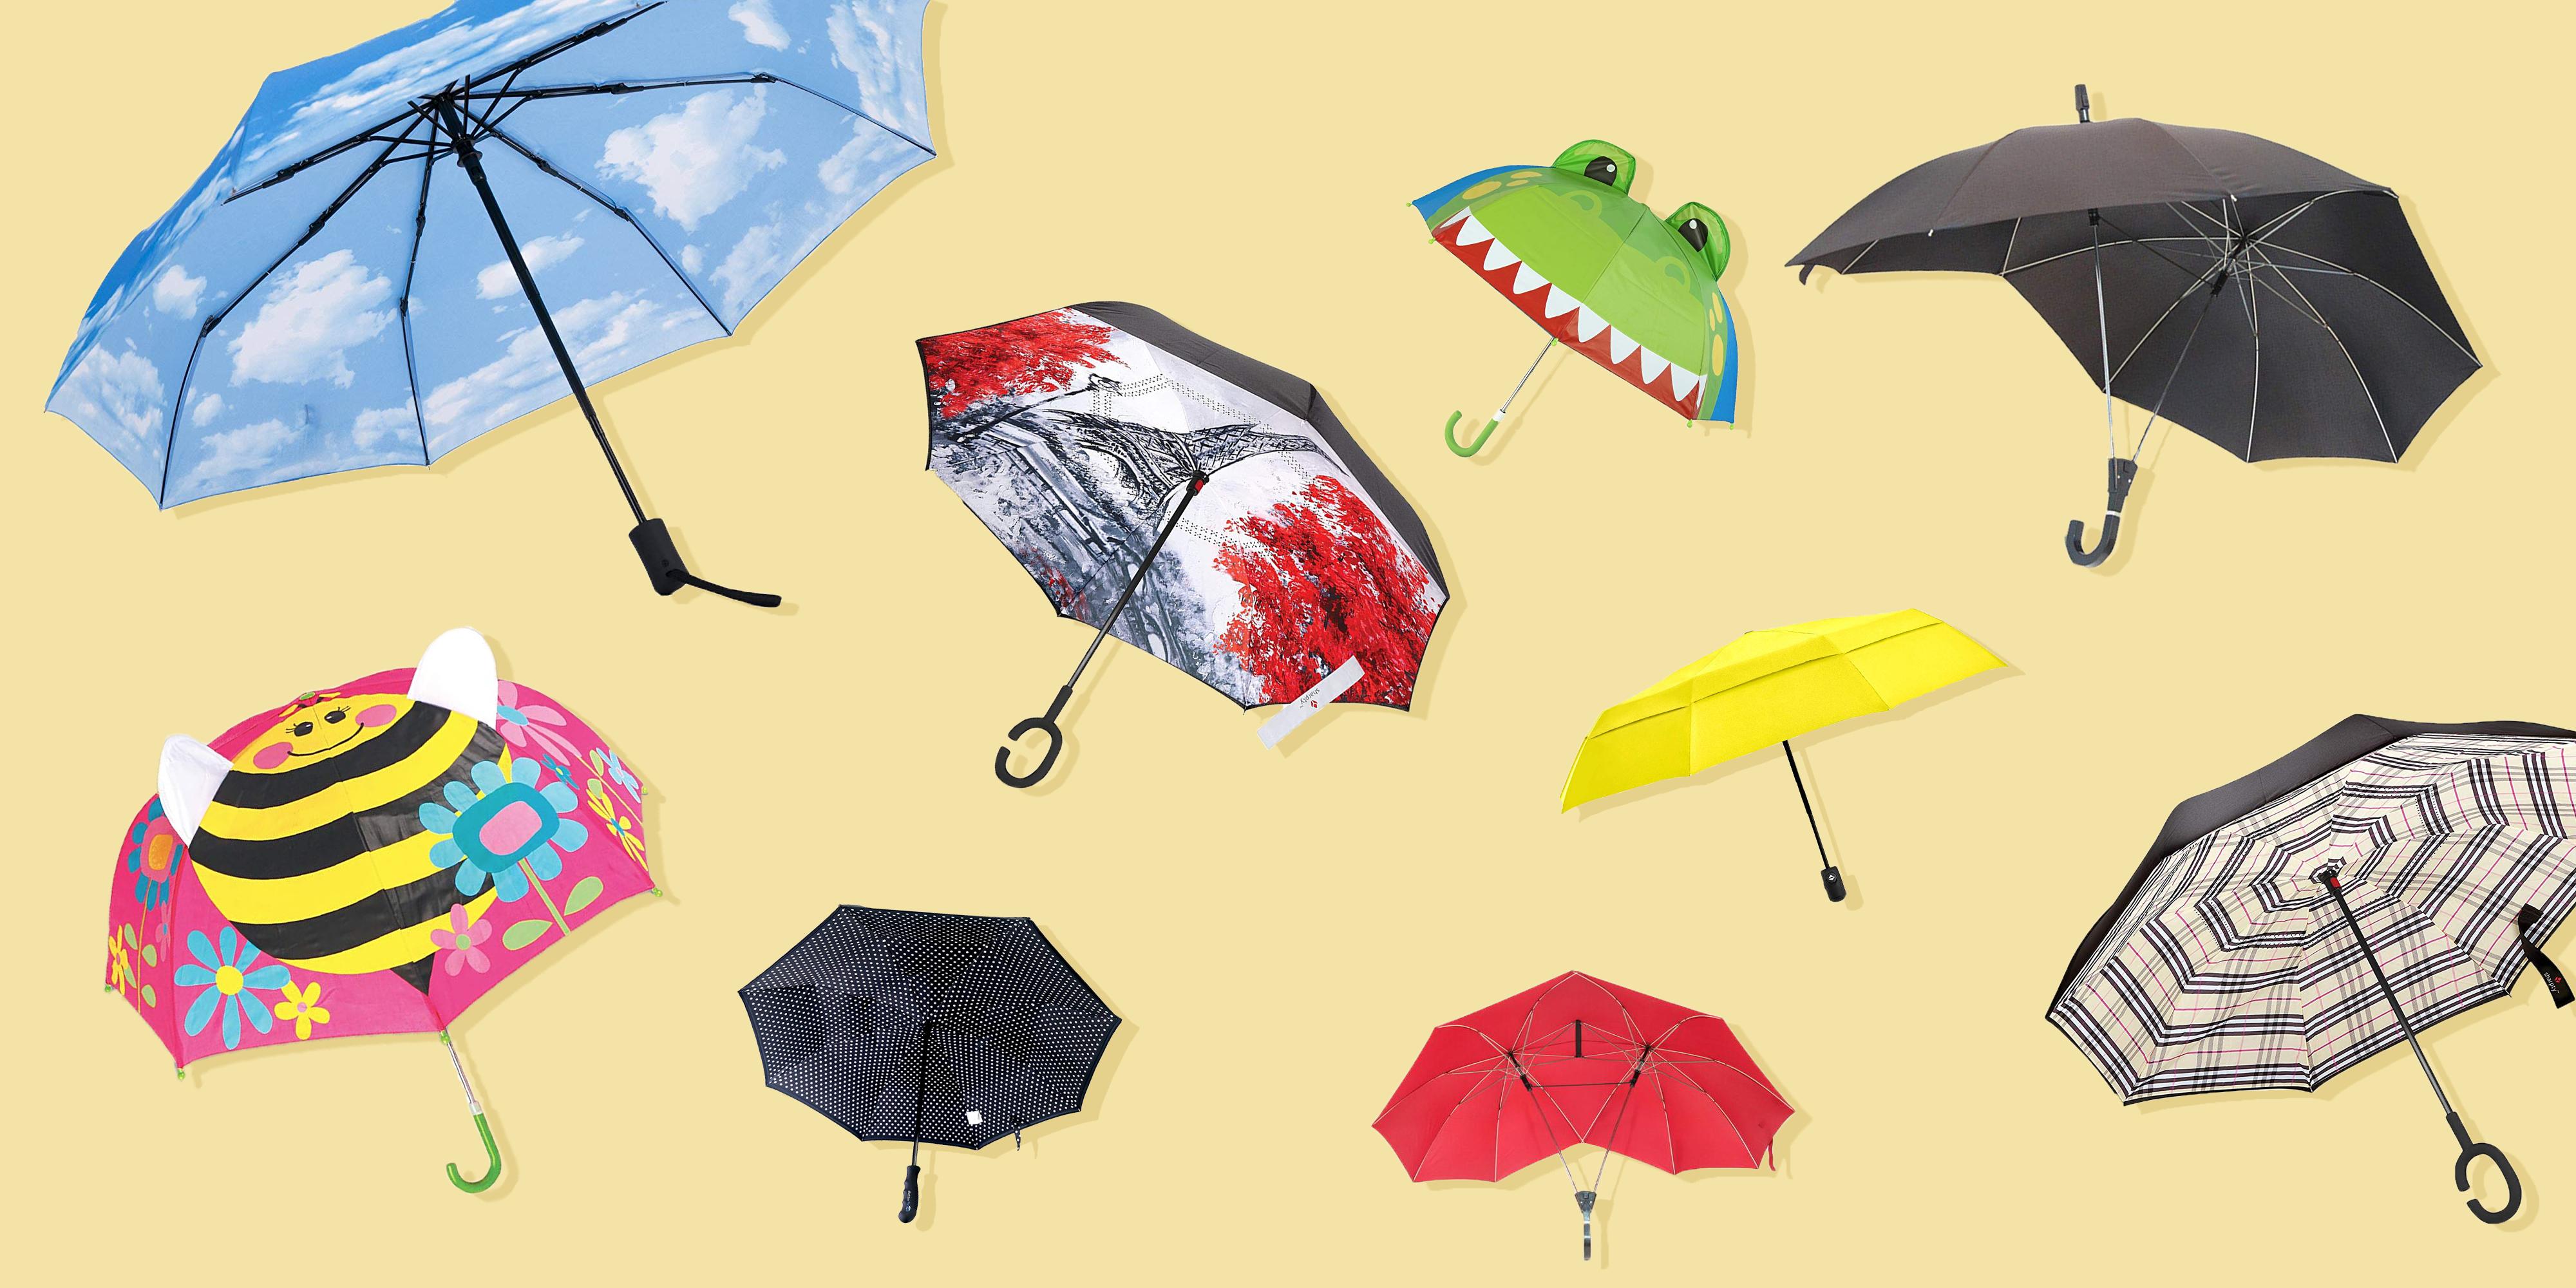 0d2661f45 9 Best Umbrellas on Amazon - Best-Selling Umbrellas on Amazon